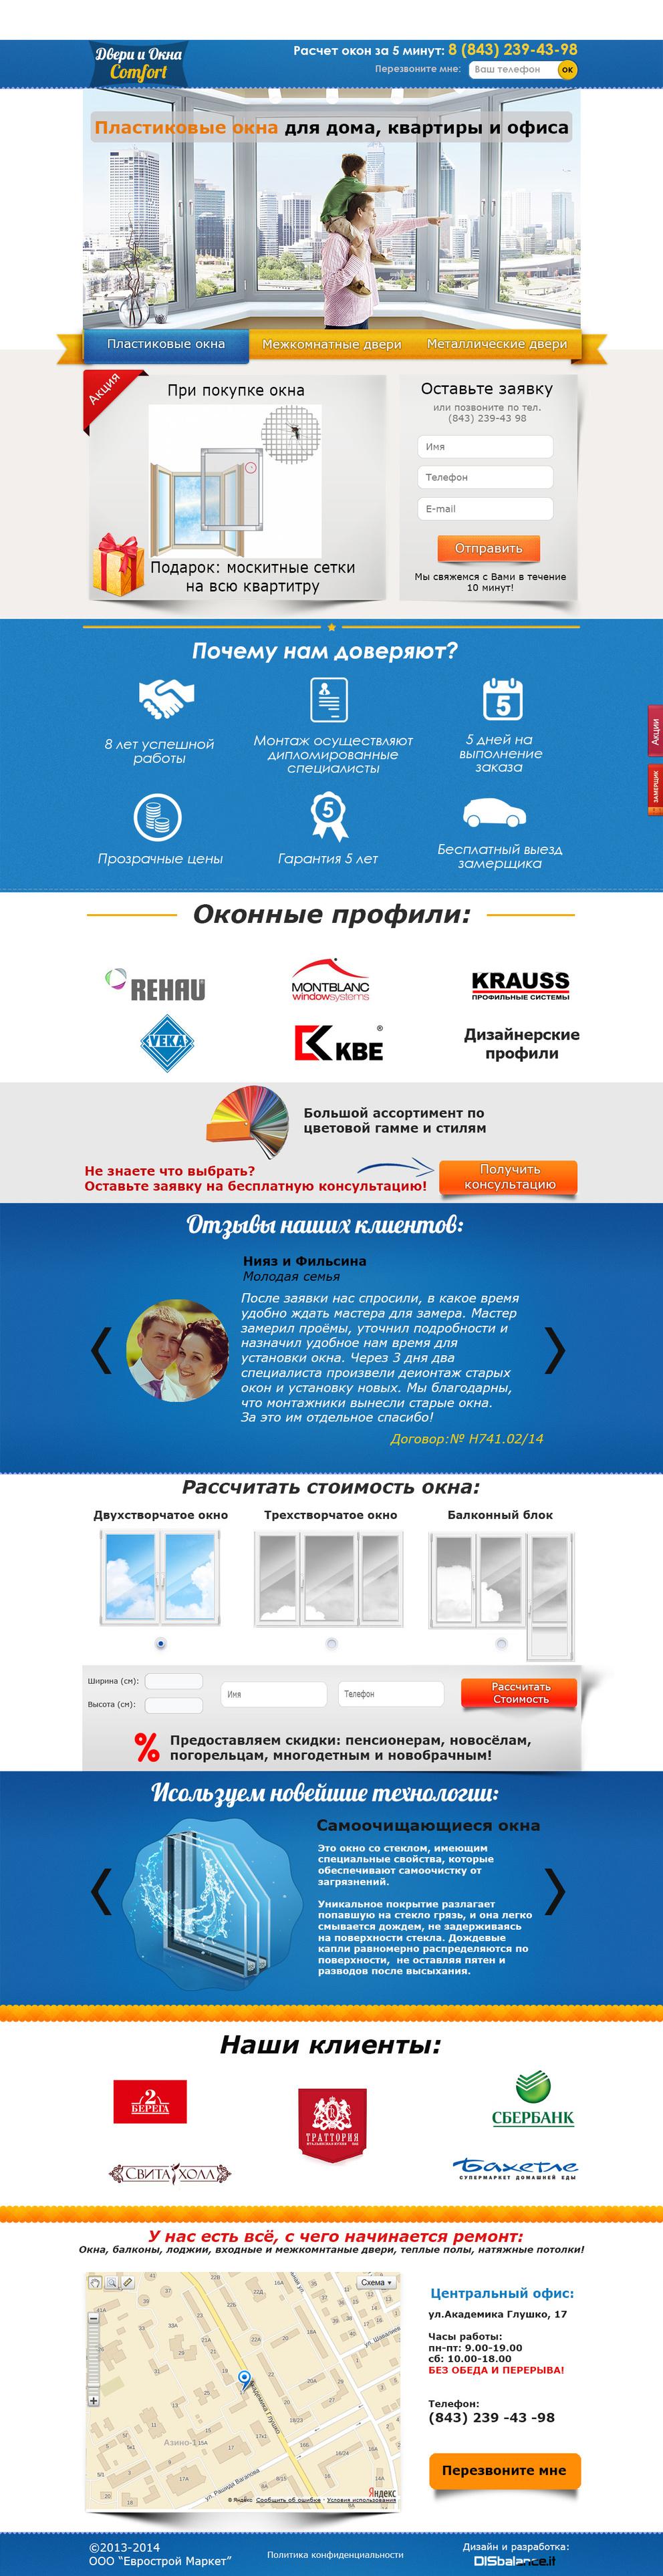 Landing Page пластиковые окна, межкомнатные двери, металлические двери / Проект компании Агенство интернет маркетинга DISbalance